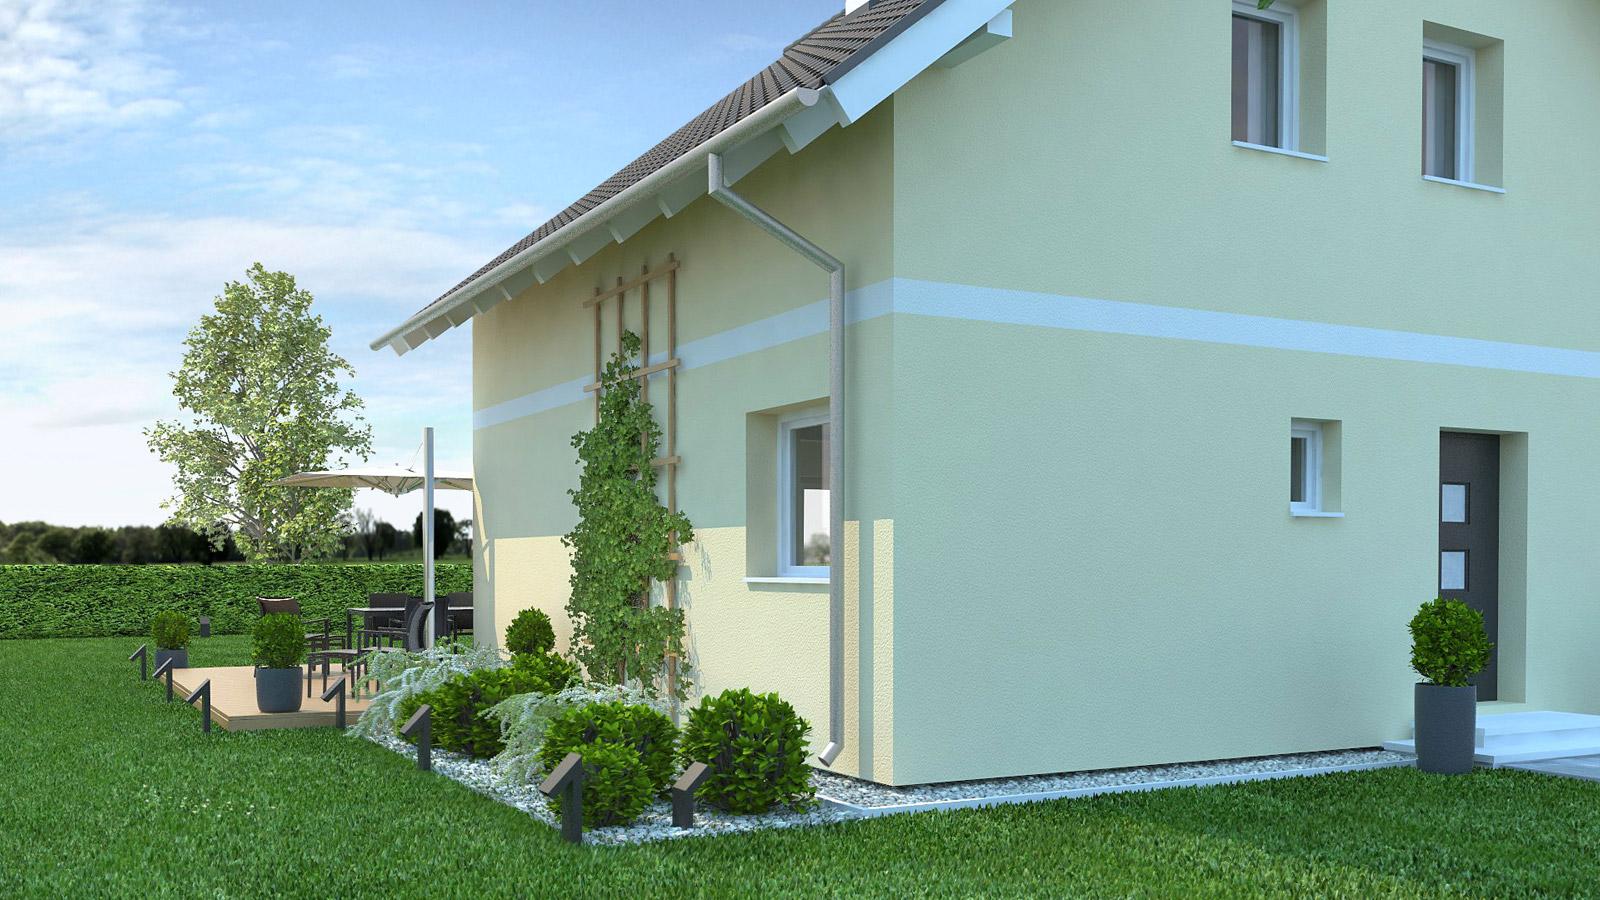 http://www.dasloewenhaus.at/wp-content/uploads/2017/02/Loewenhaus_Yellow_Detailansicht_Satteldach_Haus-gelb.jpg